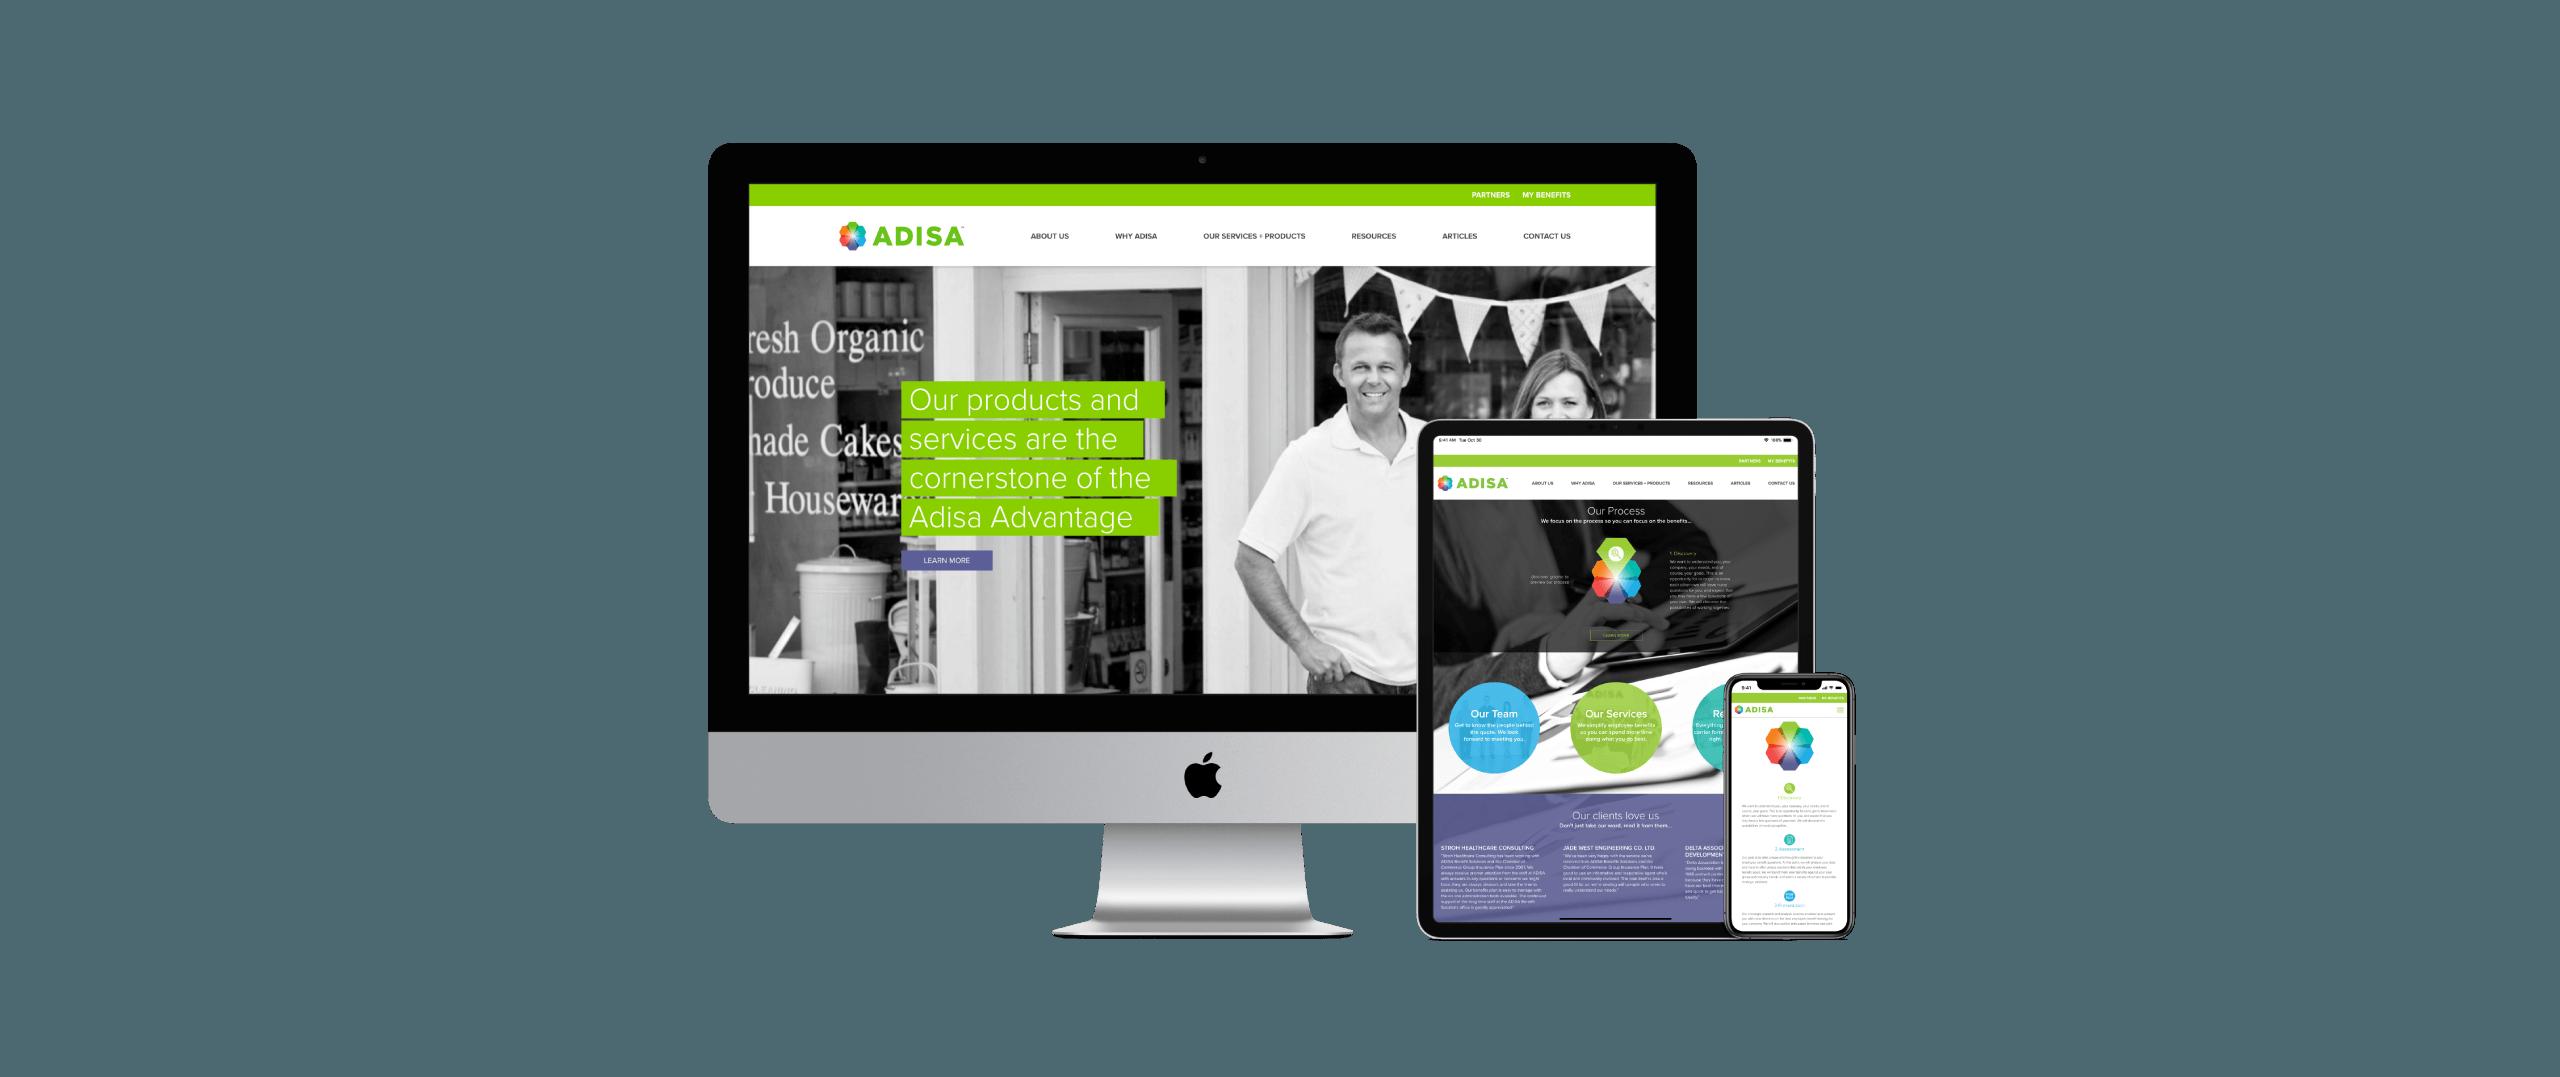 adisa-website